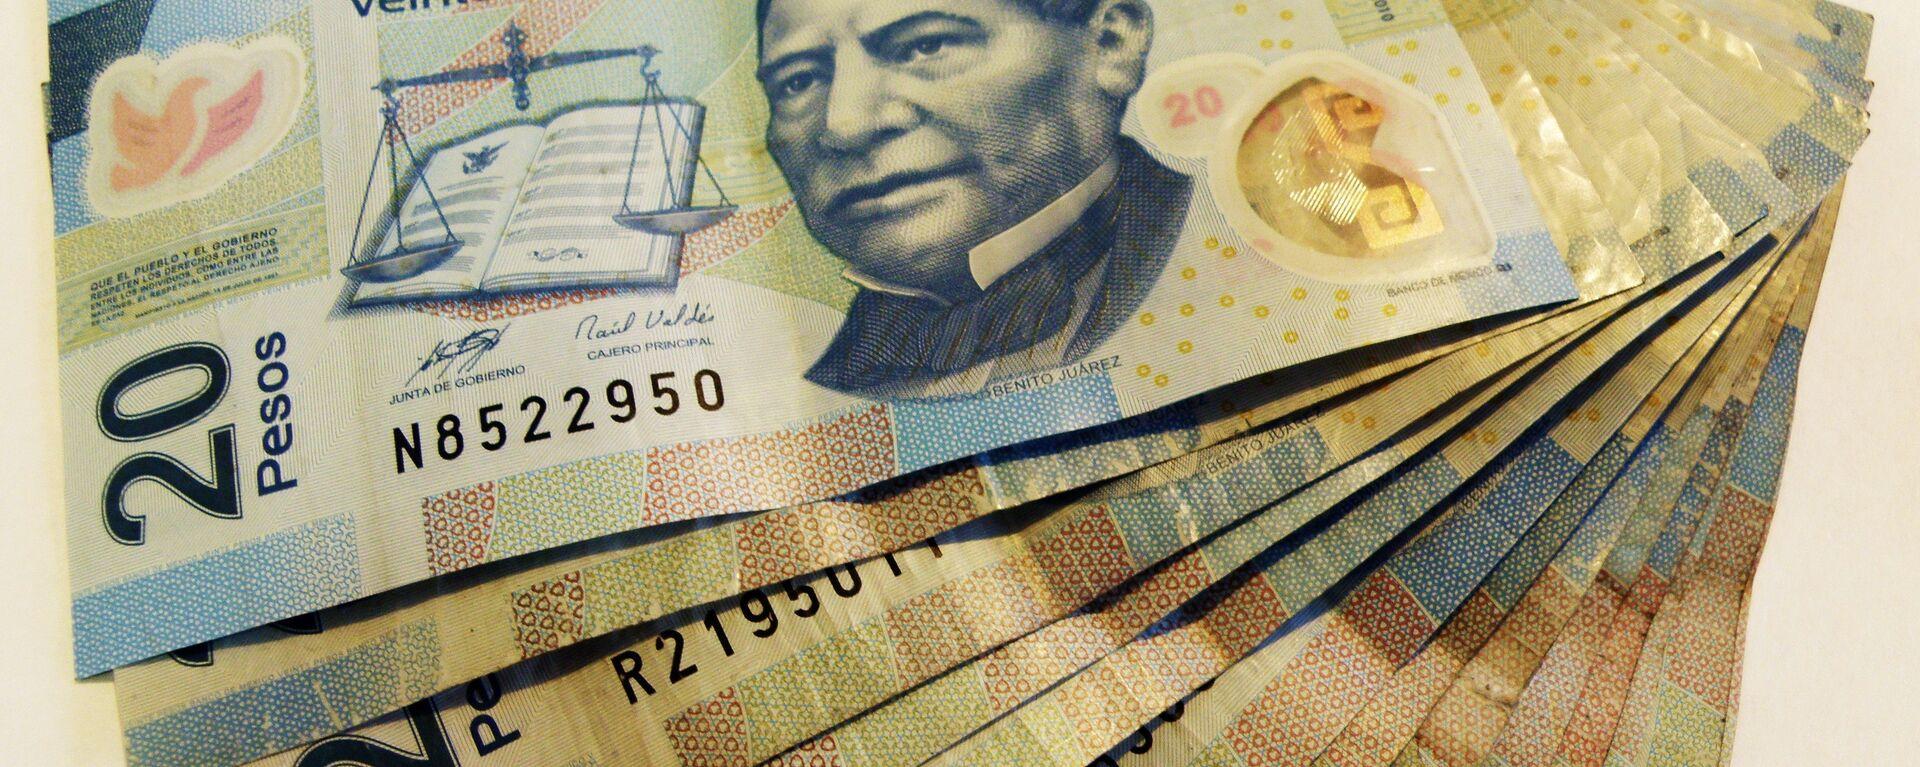 Pesos mexicanos - Sputnik Mundo, 1920, 08.09.2021